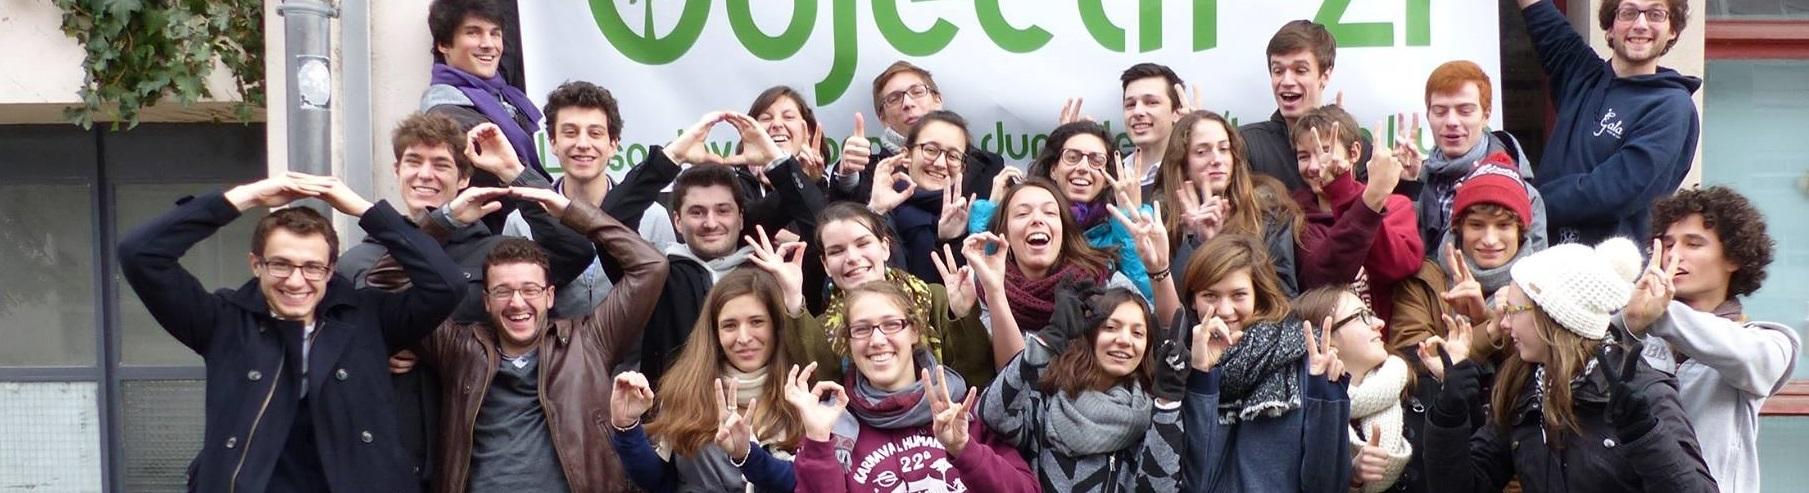 Photo réunissant l'ensemble des membres d'Objectif 21 de l'année 2015-2016. La photo n'a pas pour vocation d'être sérieuse, tout le monde à la banane et est content de représenter cette association de développement durable du campus de l'INSA de Lyon.